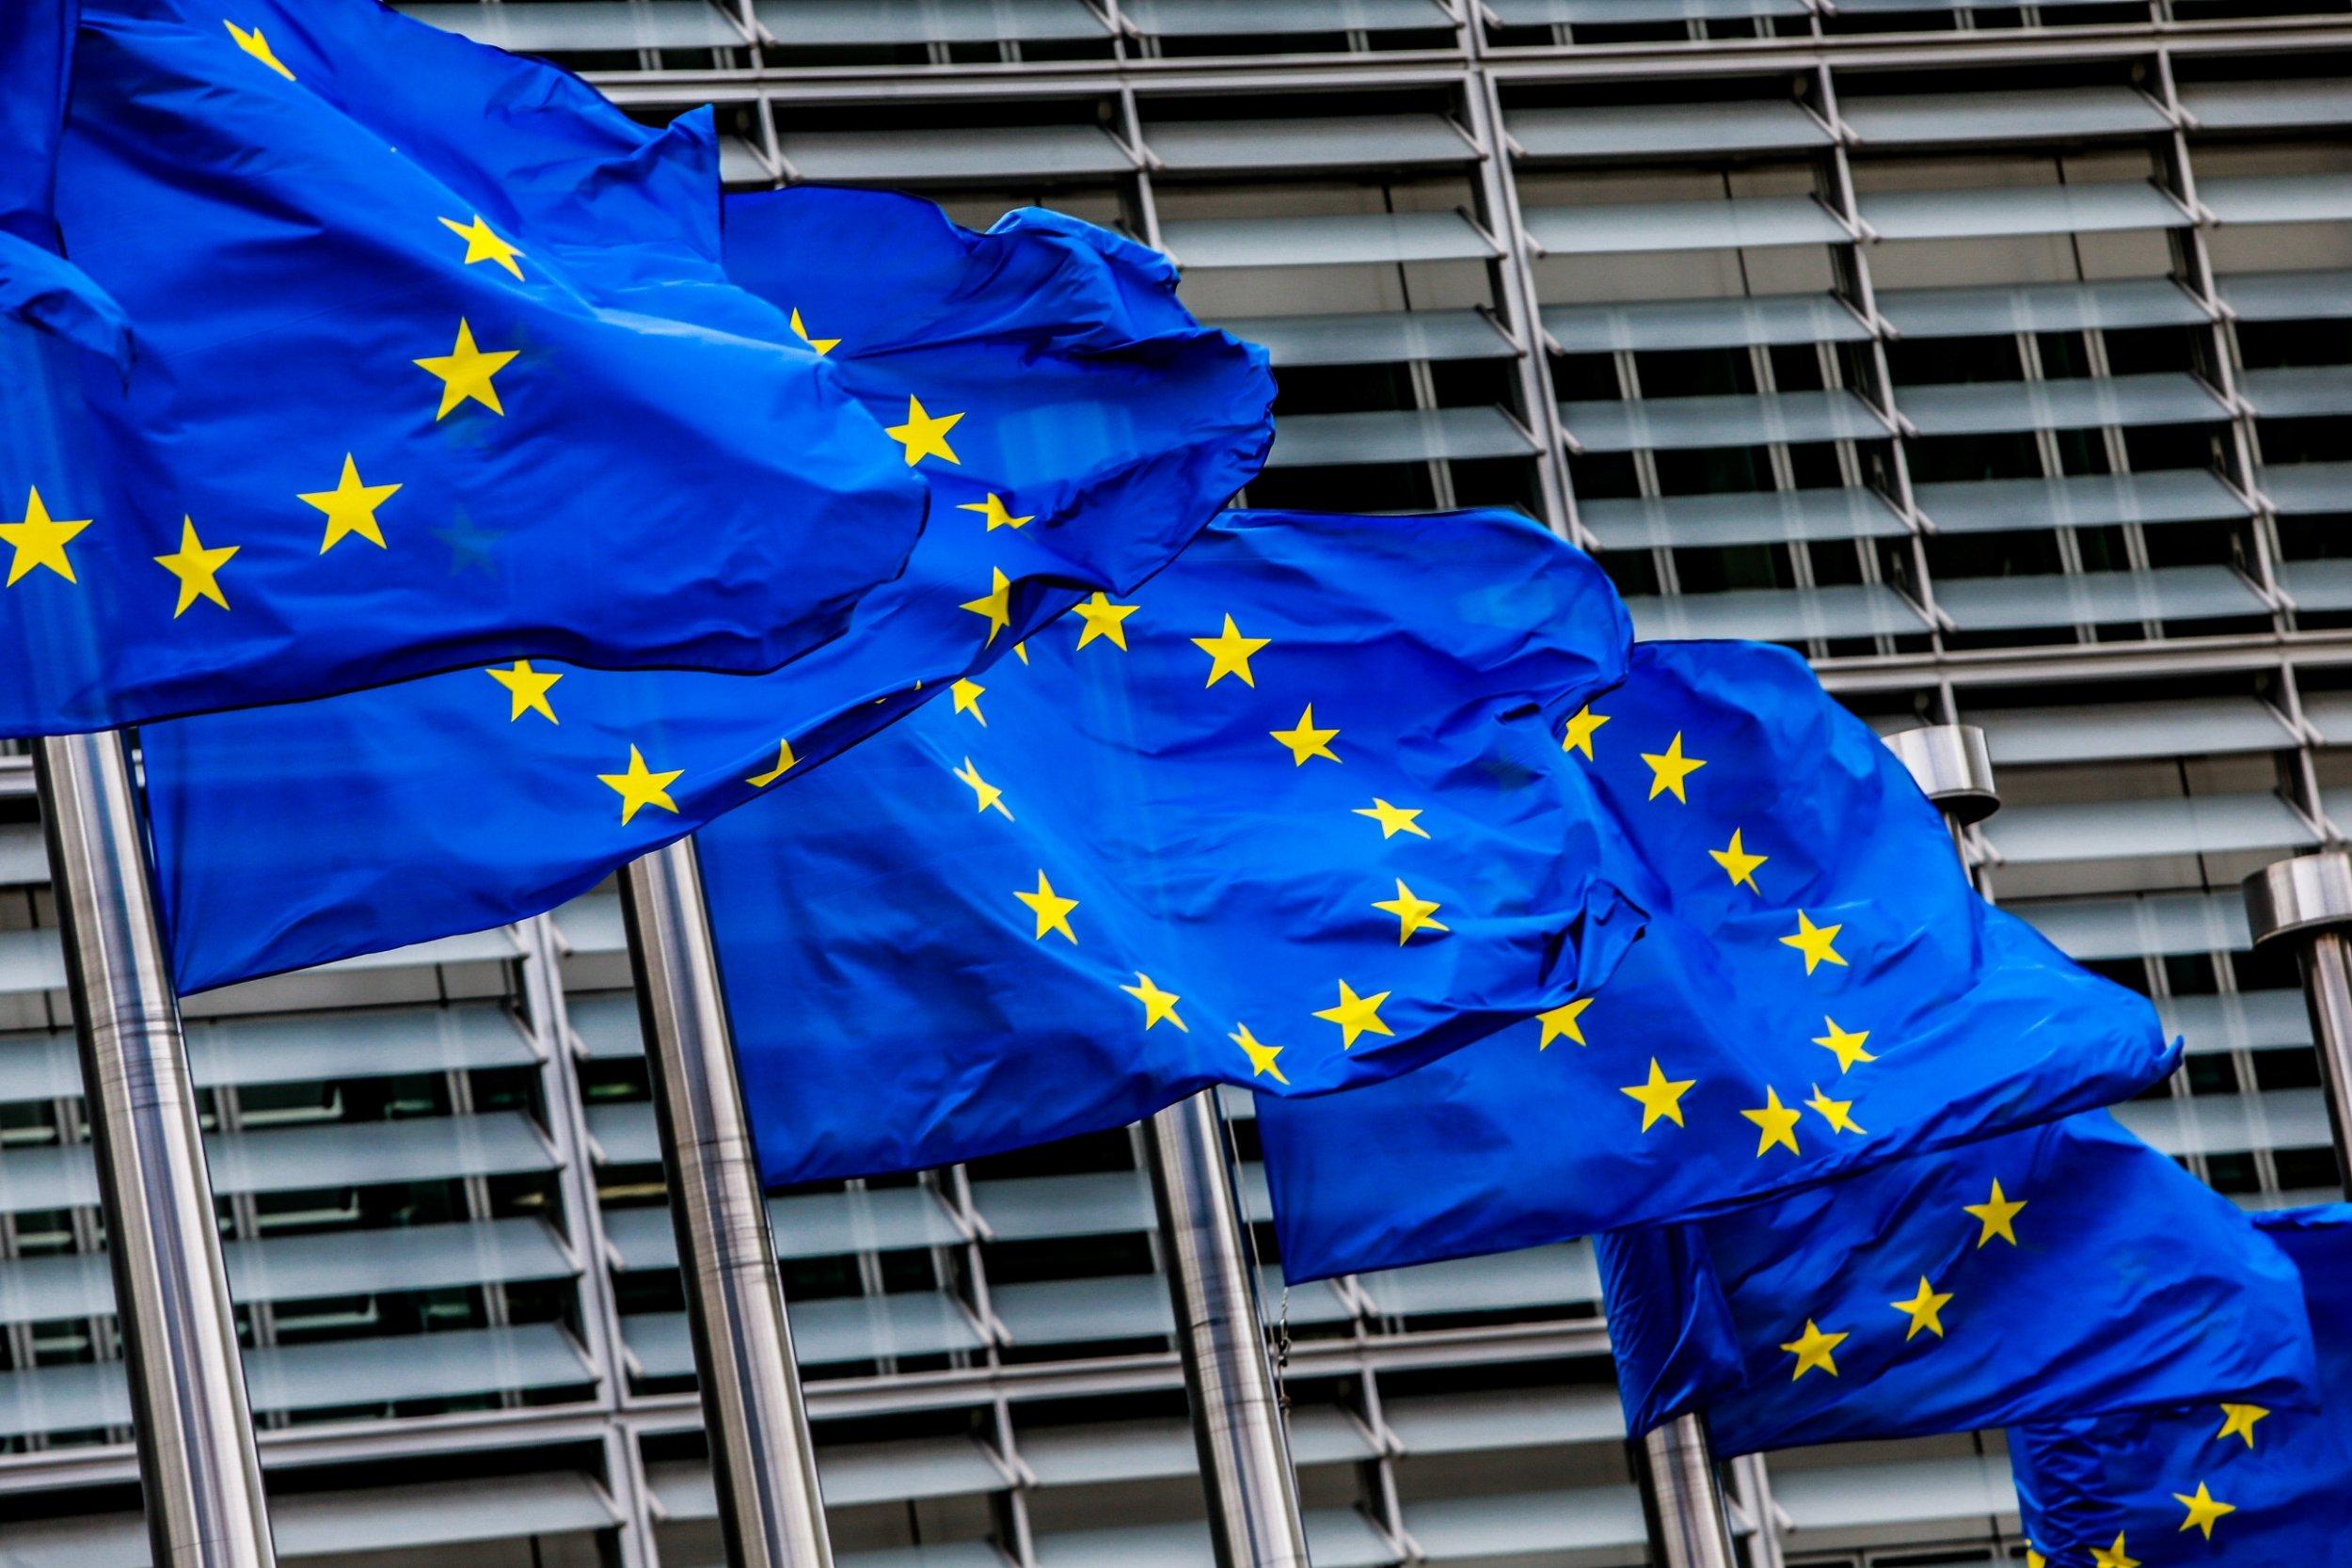 Ngociatat, liberalët e PE bëjnë dallimin e qartë mes Shqipërisë dhe Maqedonisë së Veriut